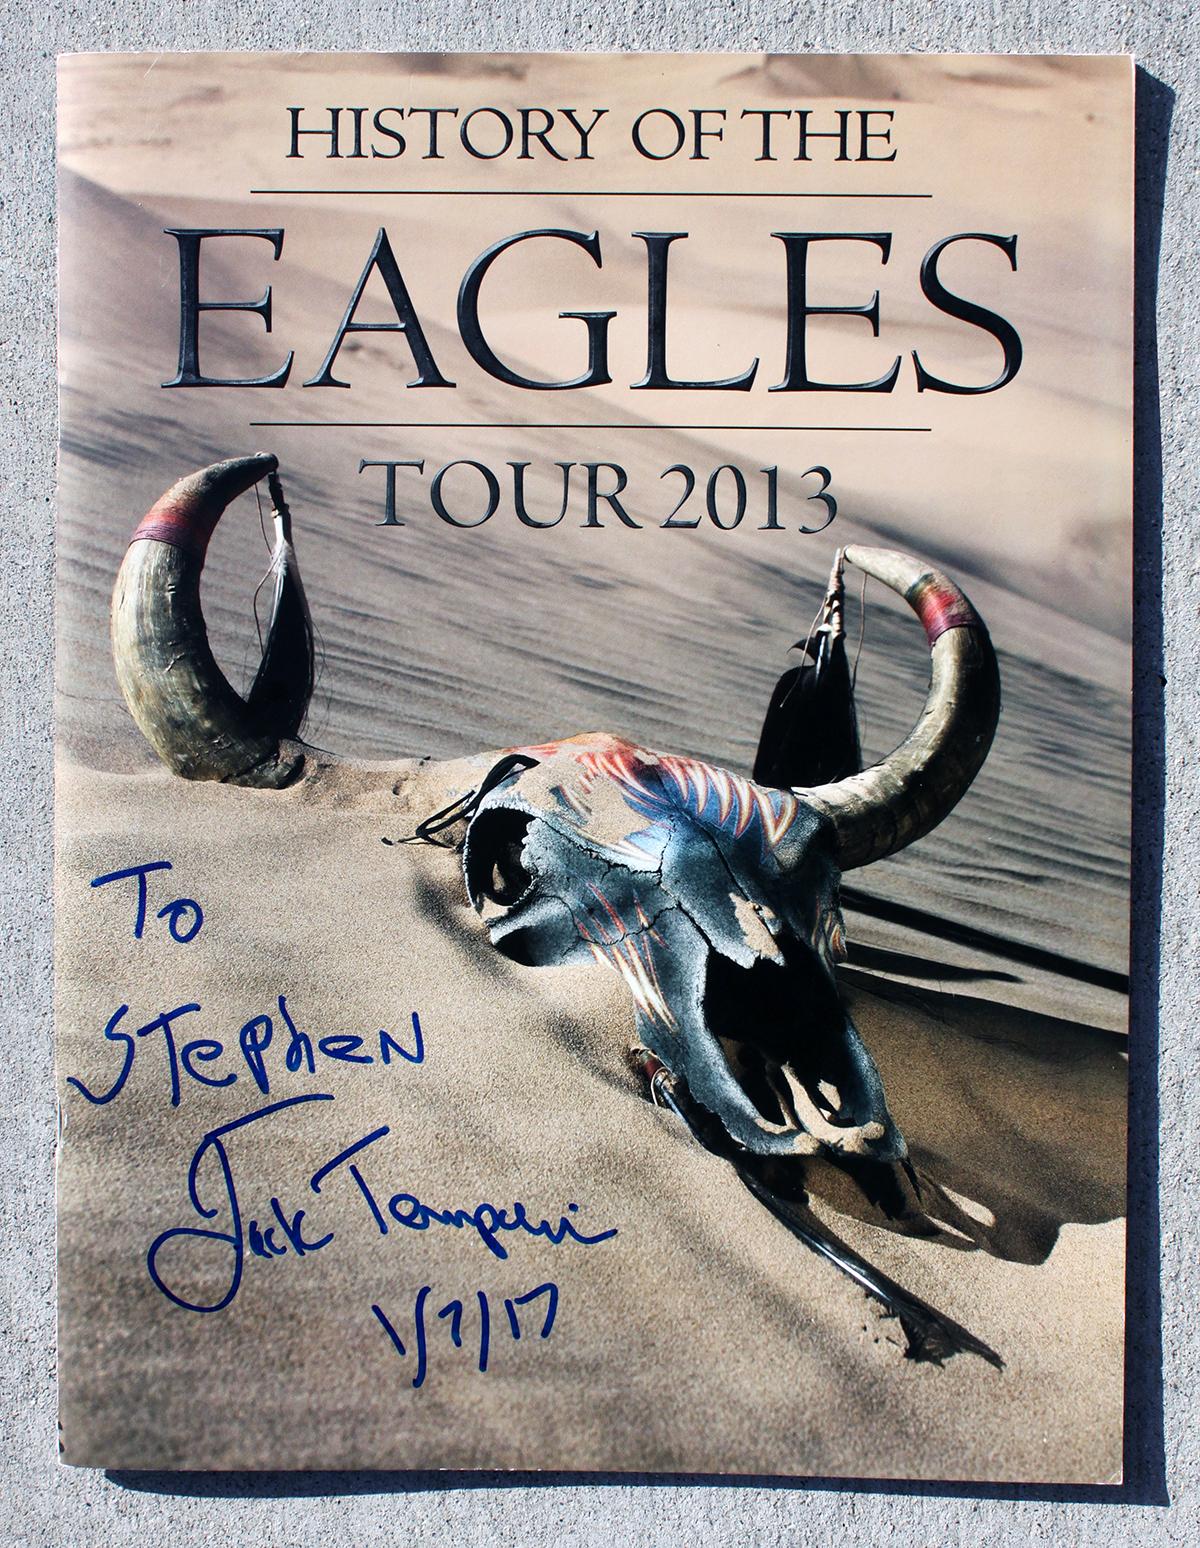 Tourbook - Eagles - Jack Tempchin